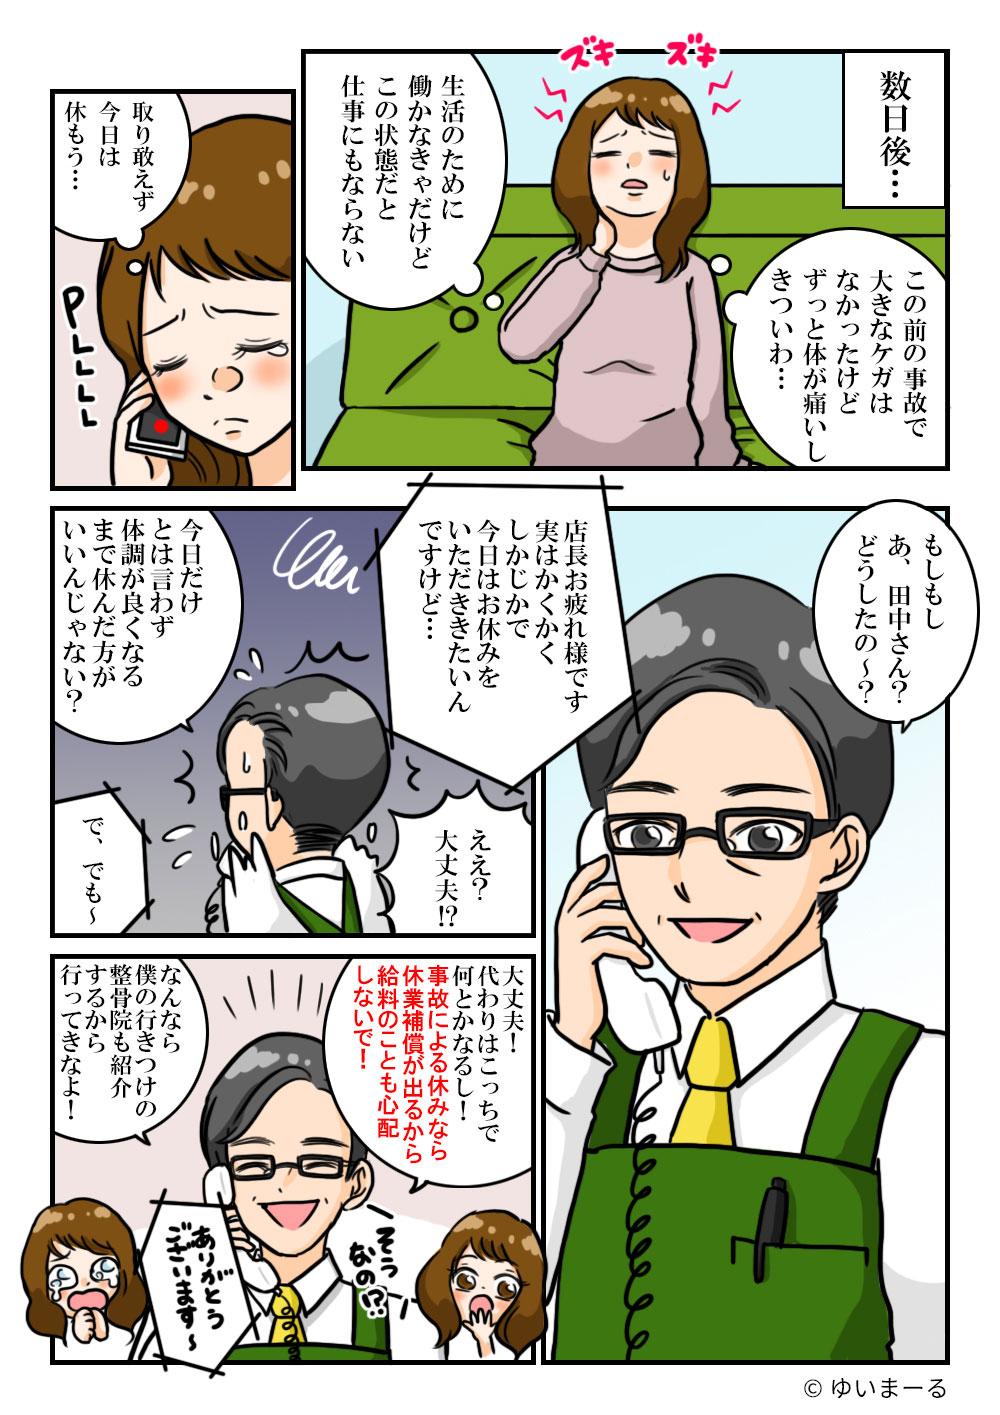 漫画6-2